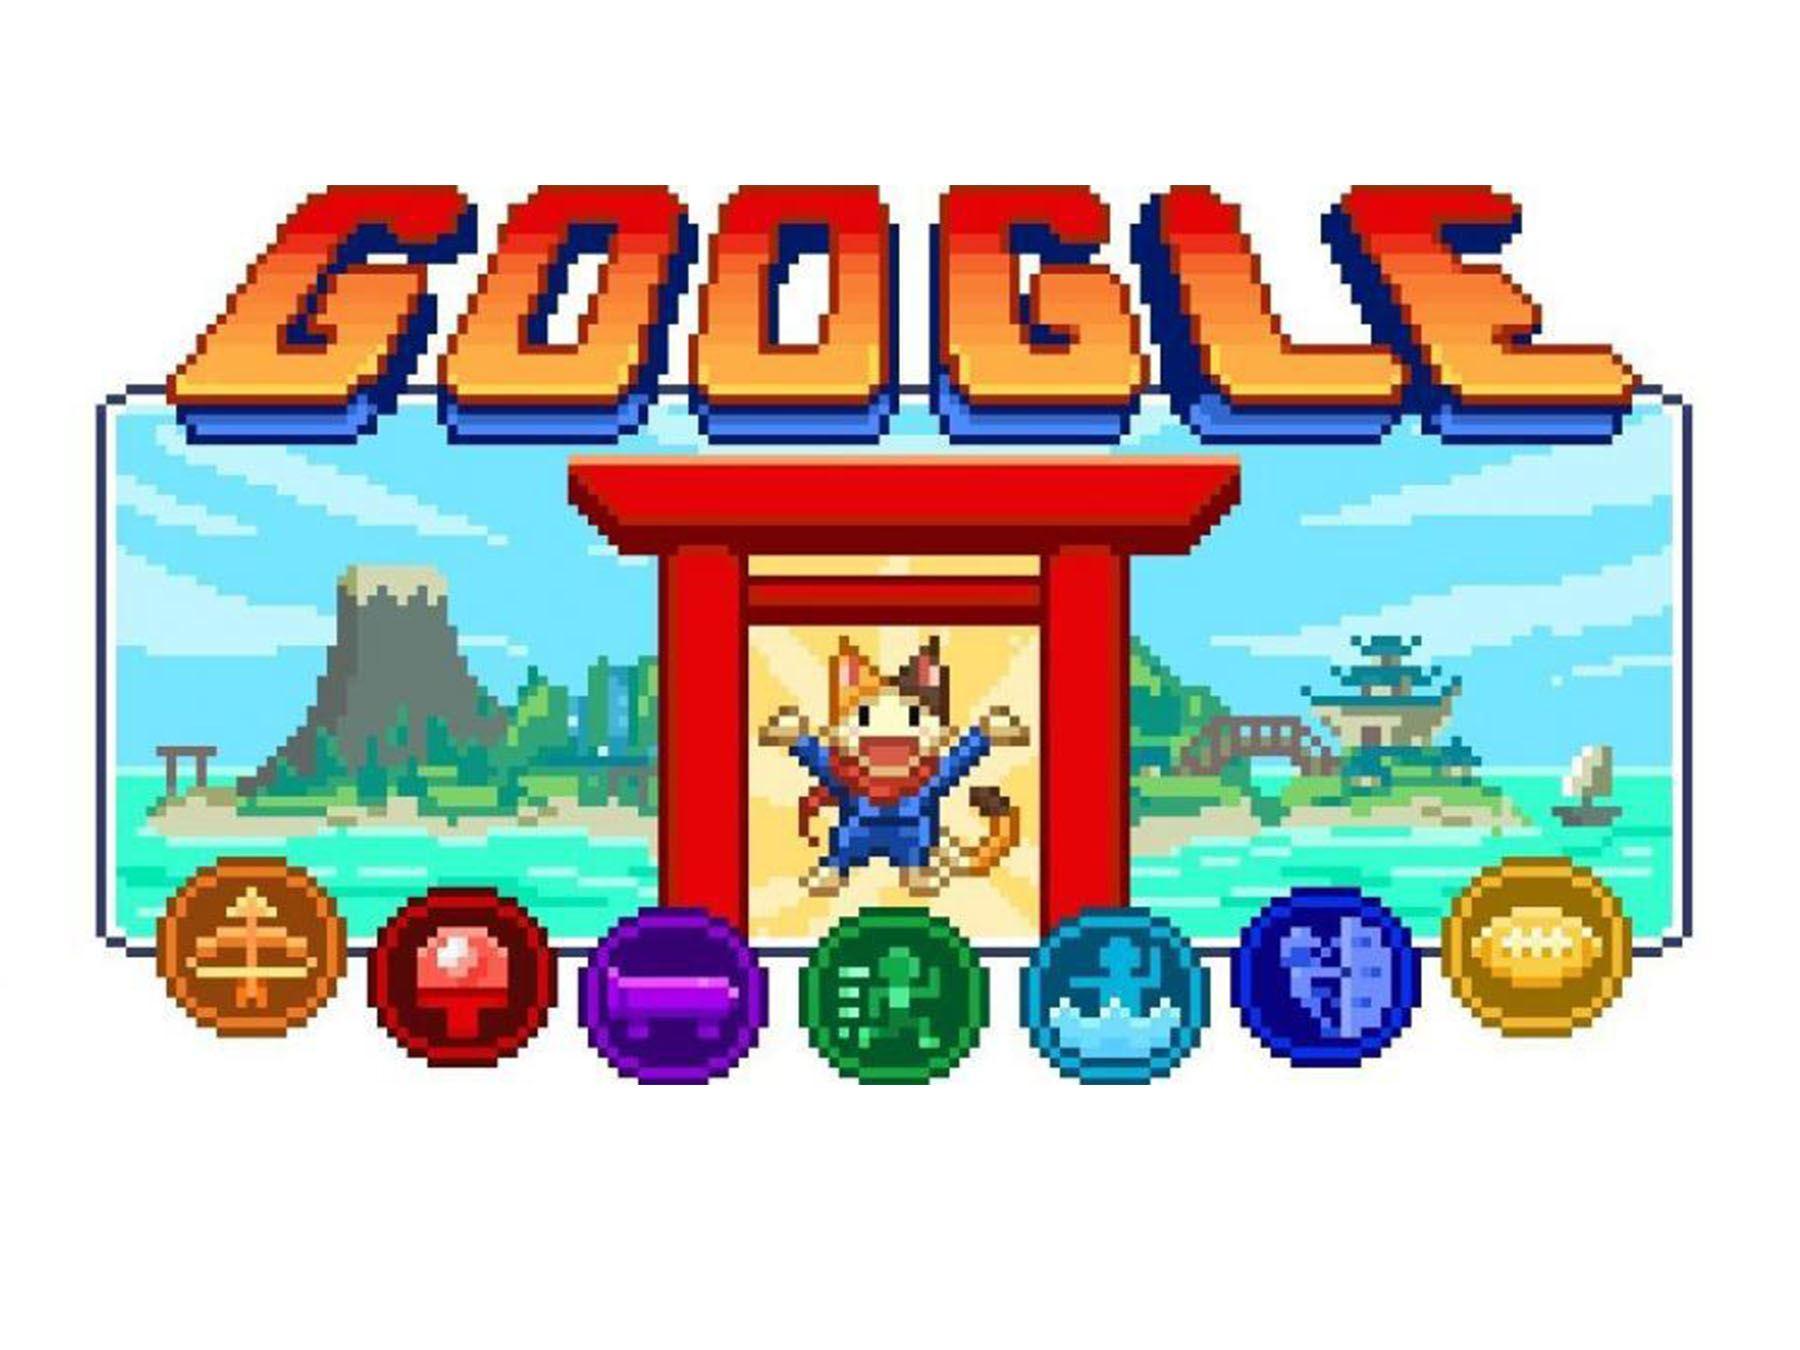 El videojuego Doodle Champion Island Games que invita a los usuarios a participar en varias pruebas que representan distintas disciplinas olímpicas